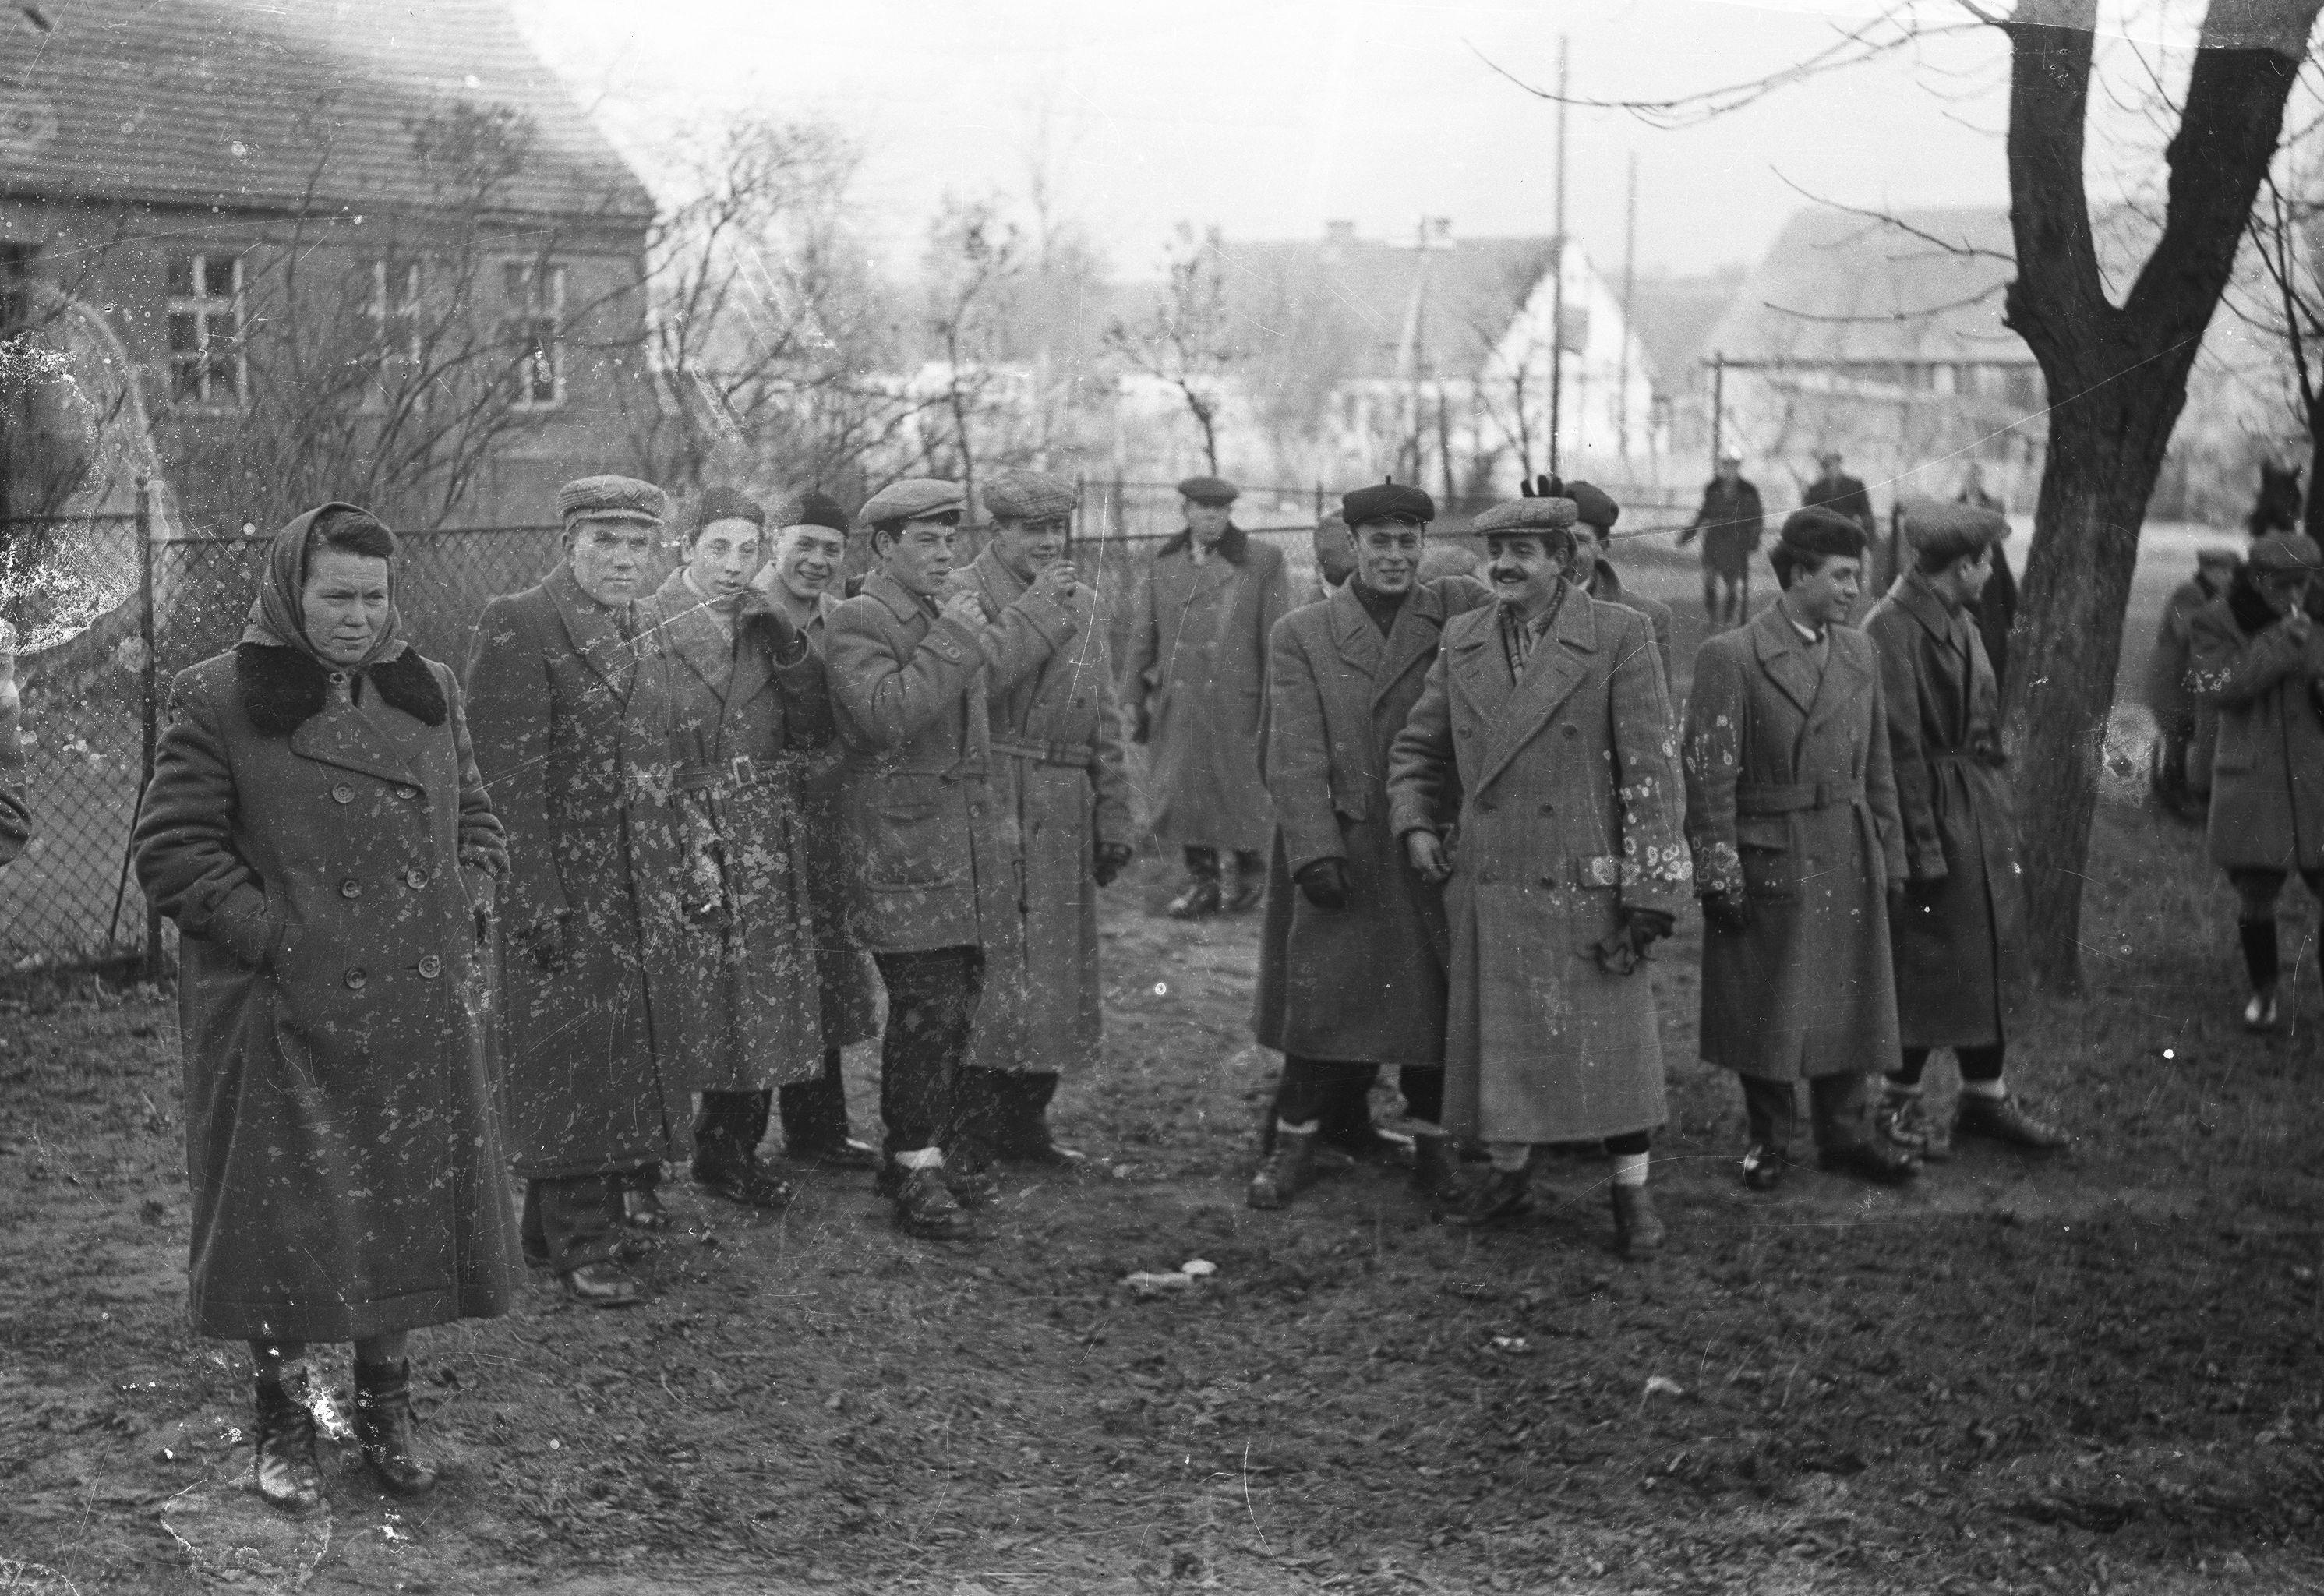 Mieszkańcy Brzózki, Biaław, Czaplic i Turzan zgromadzeni przy kościele, Głębowice, Dolny Śląsk, lata 50. XX w.